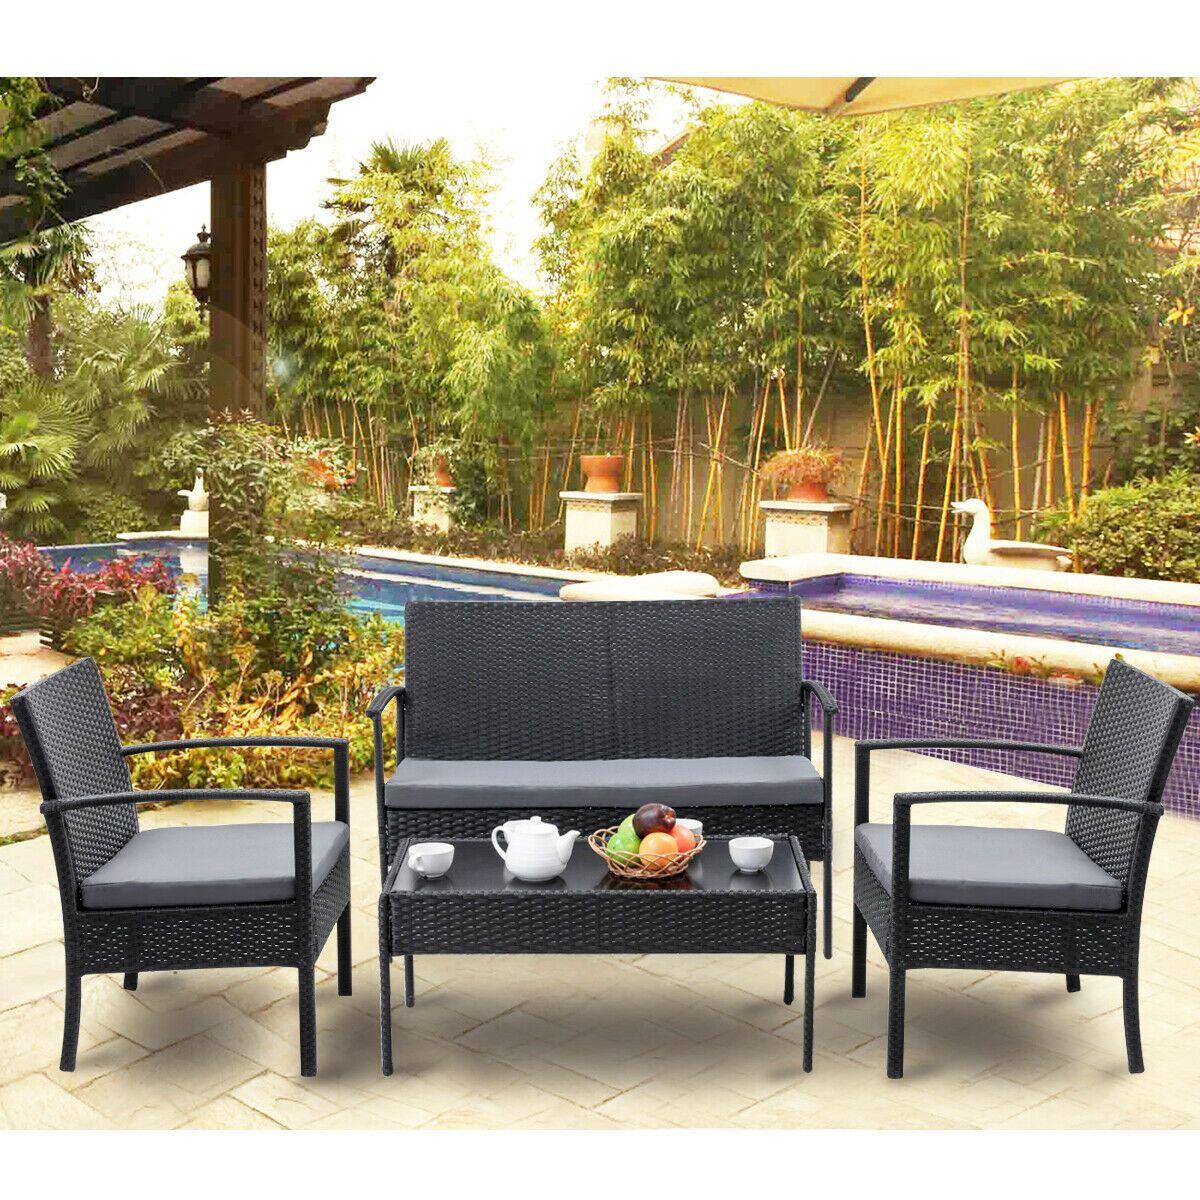 Arredo Giardino In Rattan.Il Set Da Giardino Dal Design Ergonomico Offre Una Posizione Di